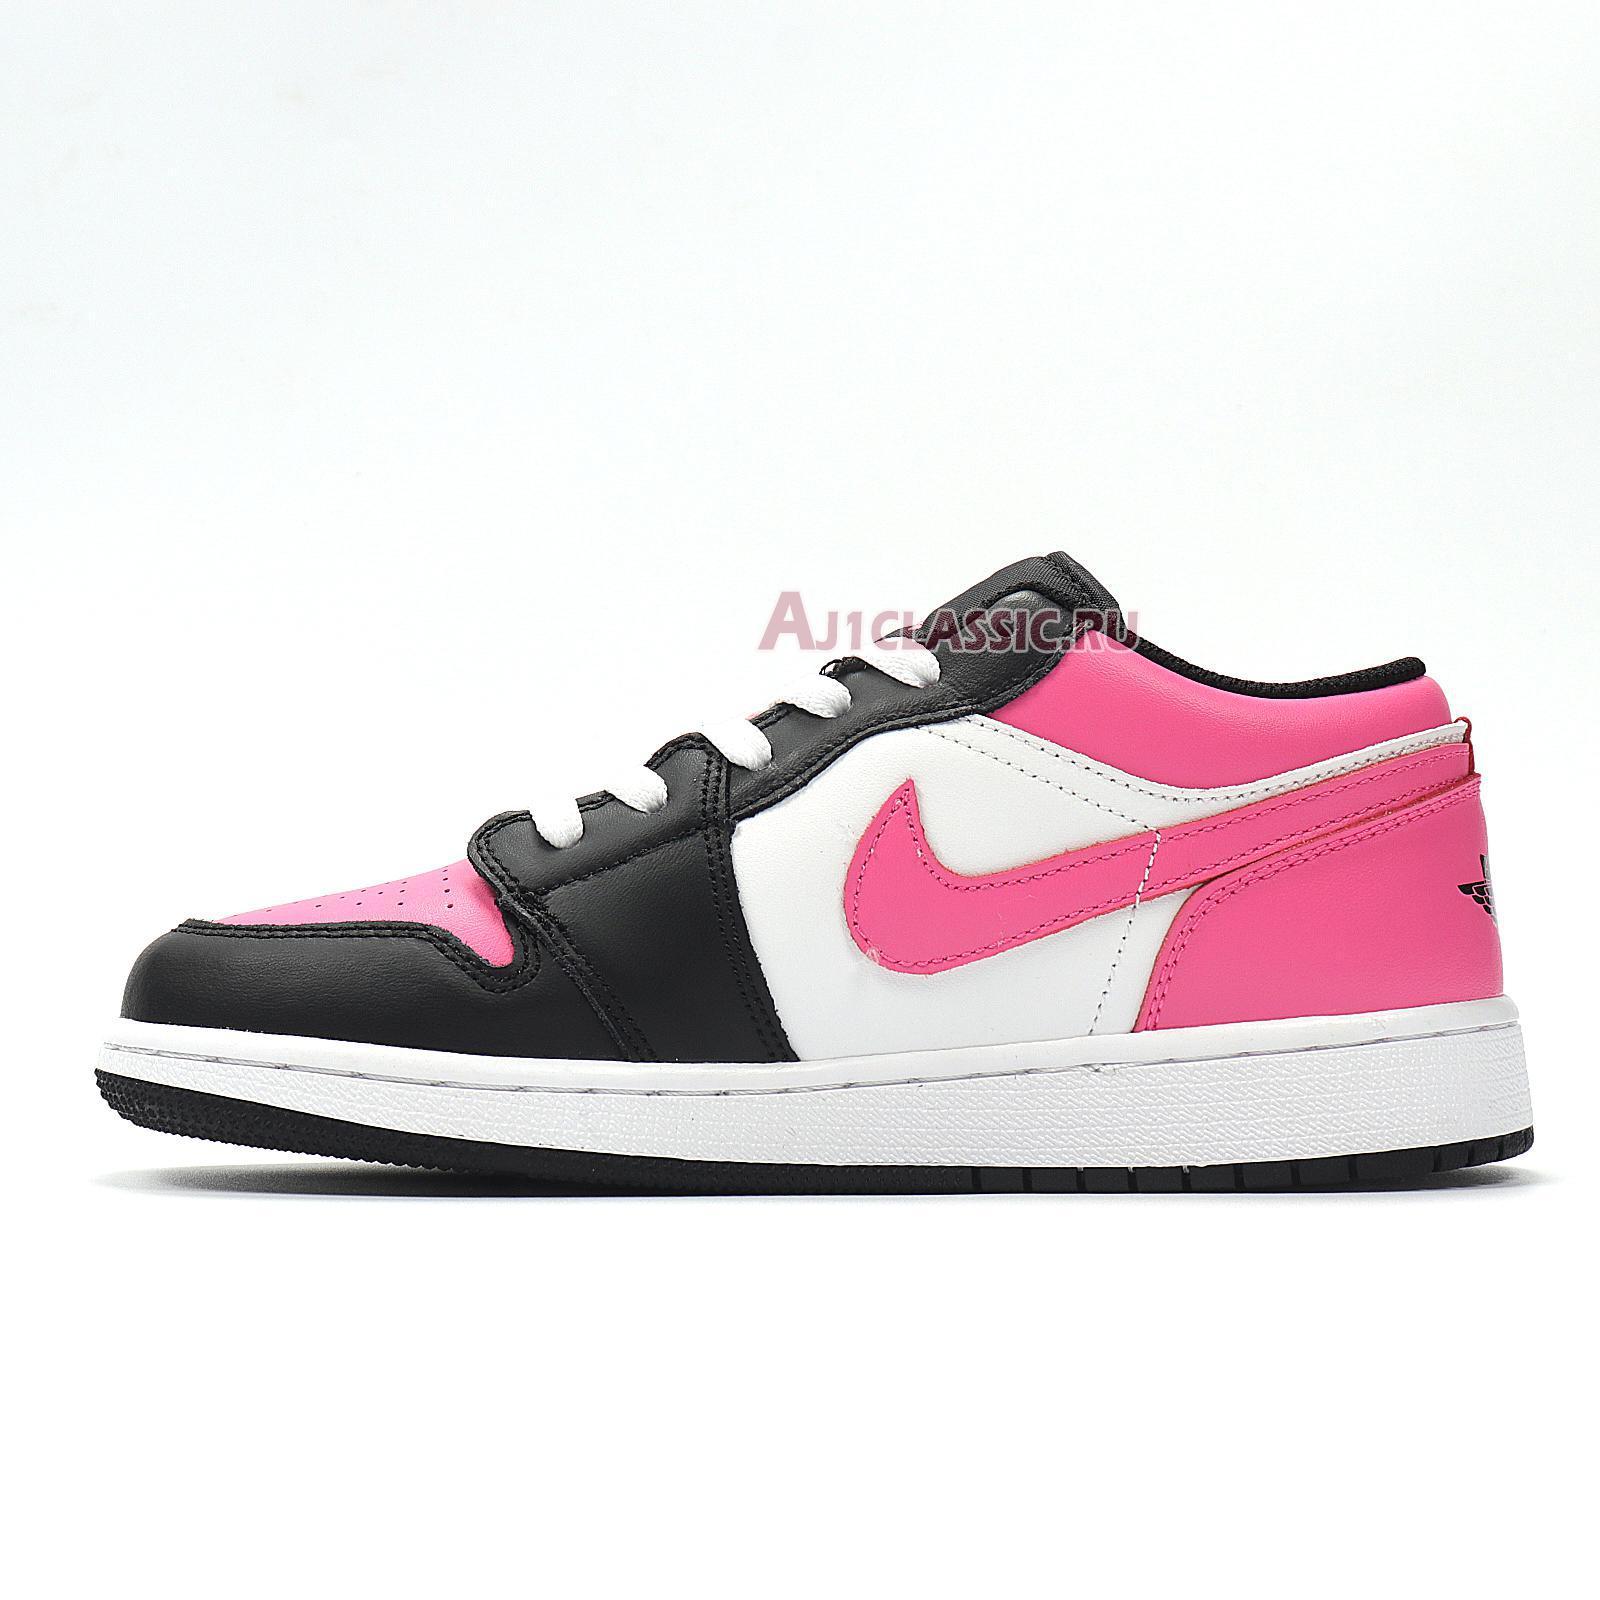 """Air Jordan 1 Retro Low """"Pinksicle"""" 554723-106"""